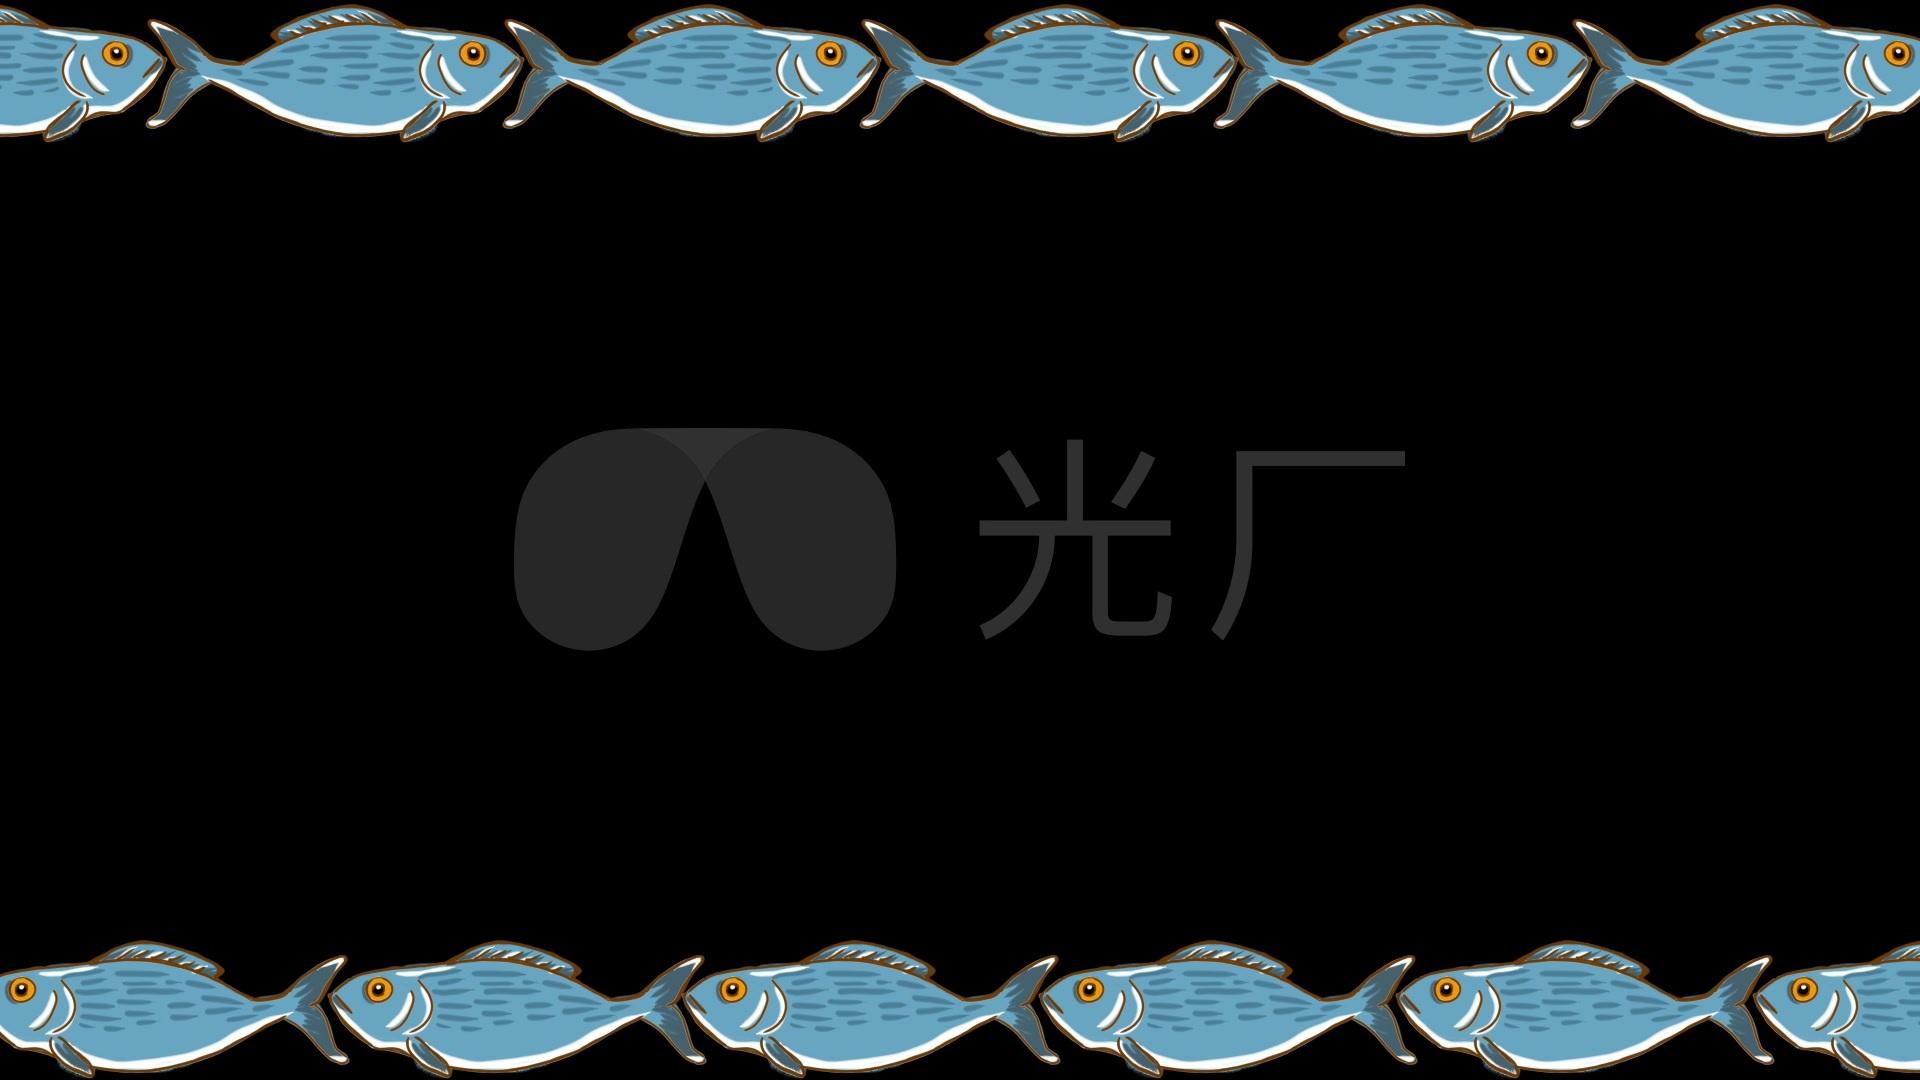 中国风年年有鱼边框_1920x1080_高清视频素材下载(:)